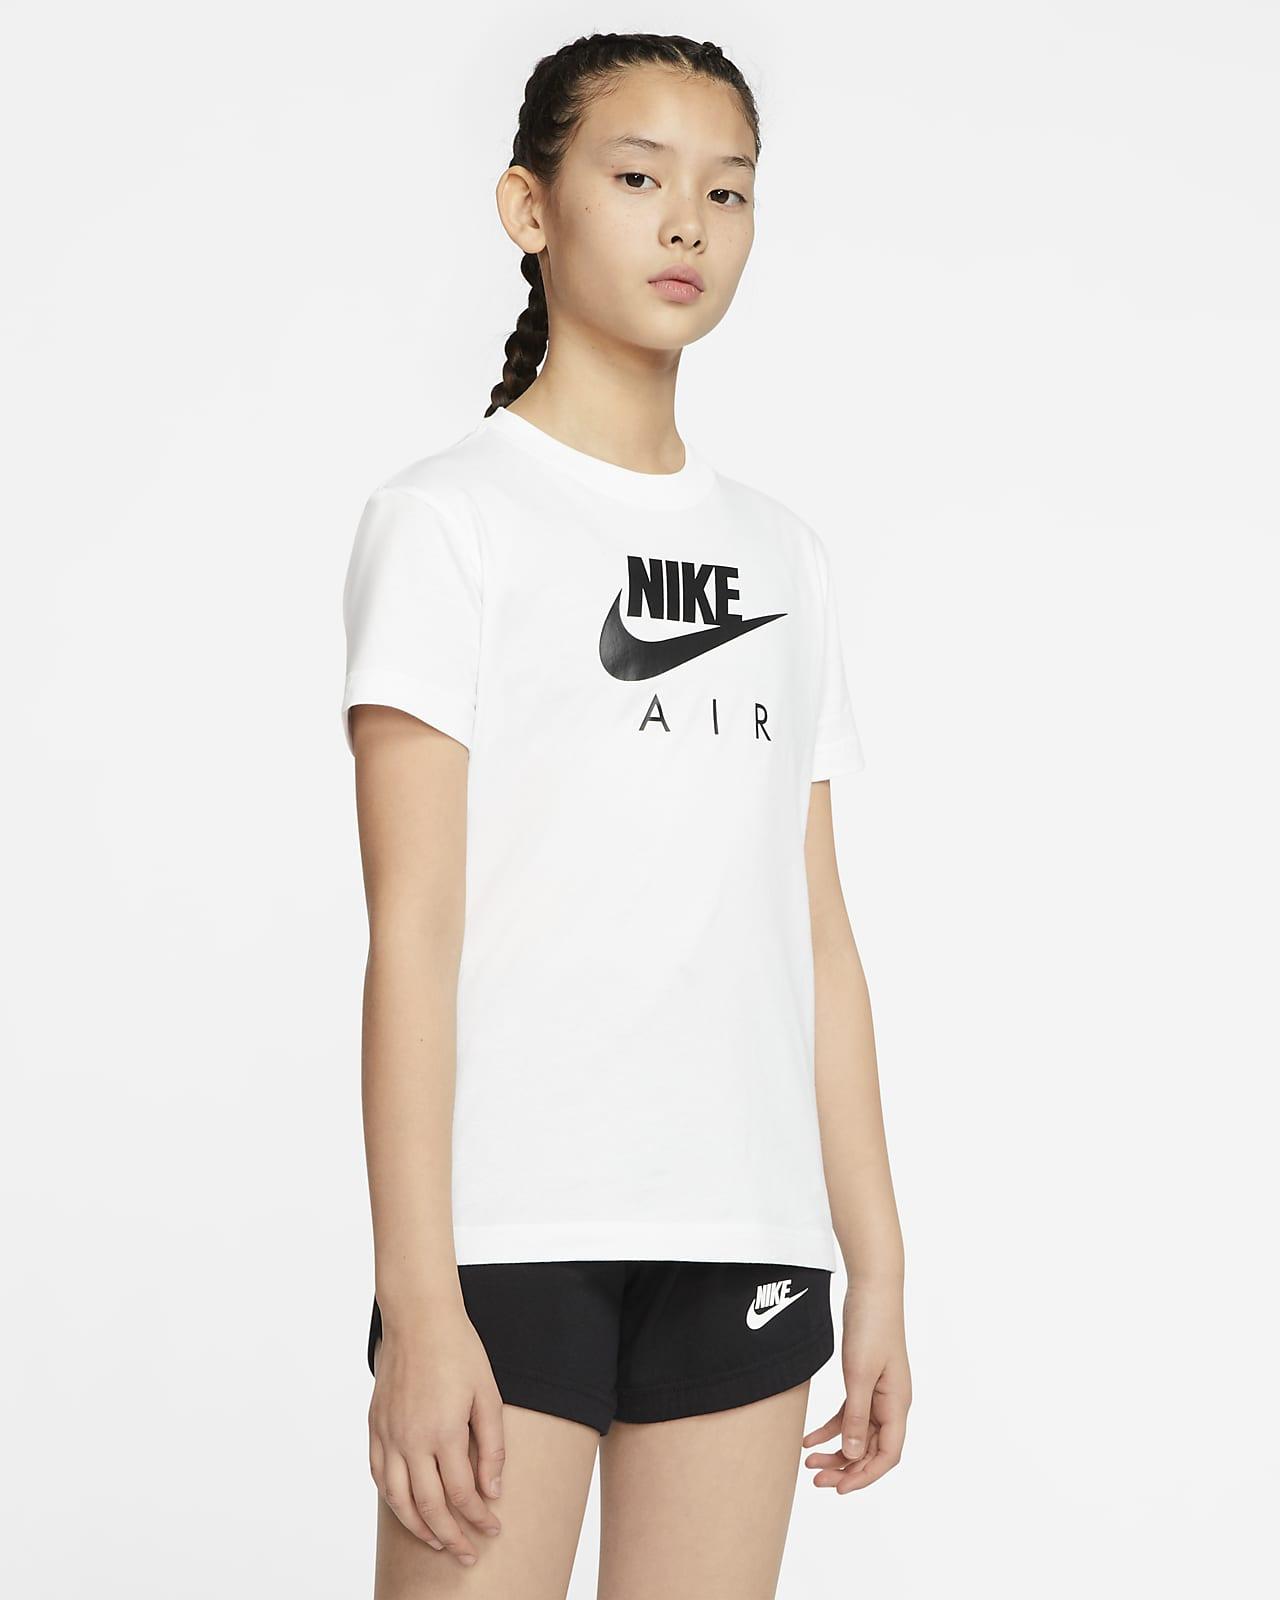 T shirt Nike Air i bomull för ungdom (tjejer)